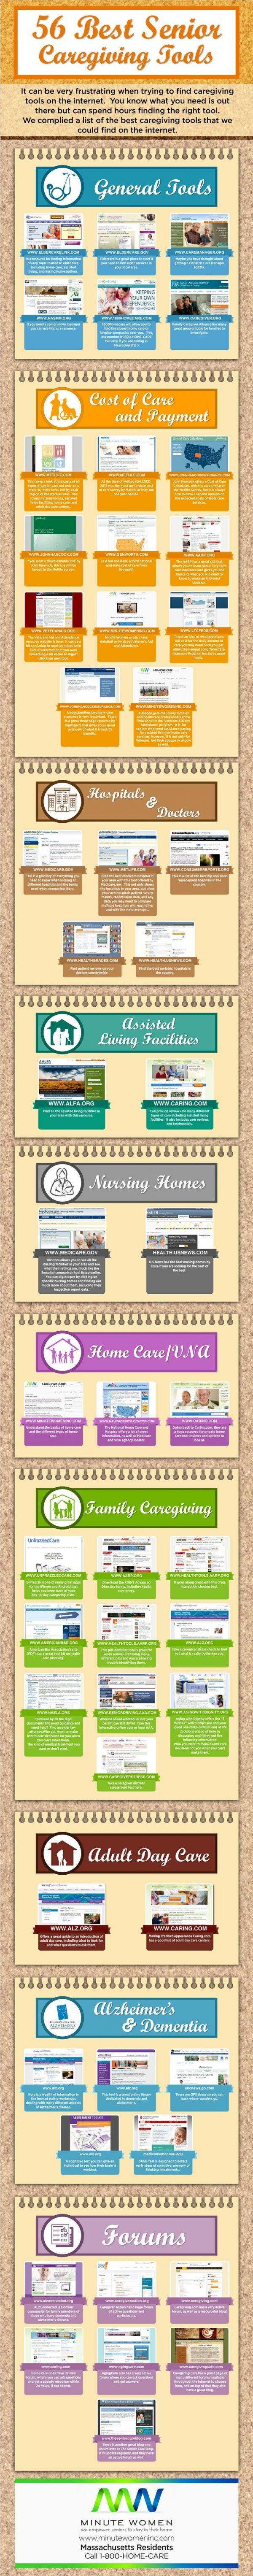 Caregiving Tools